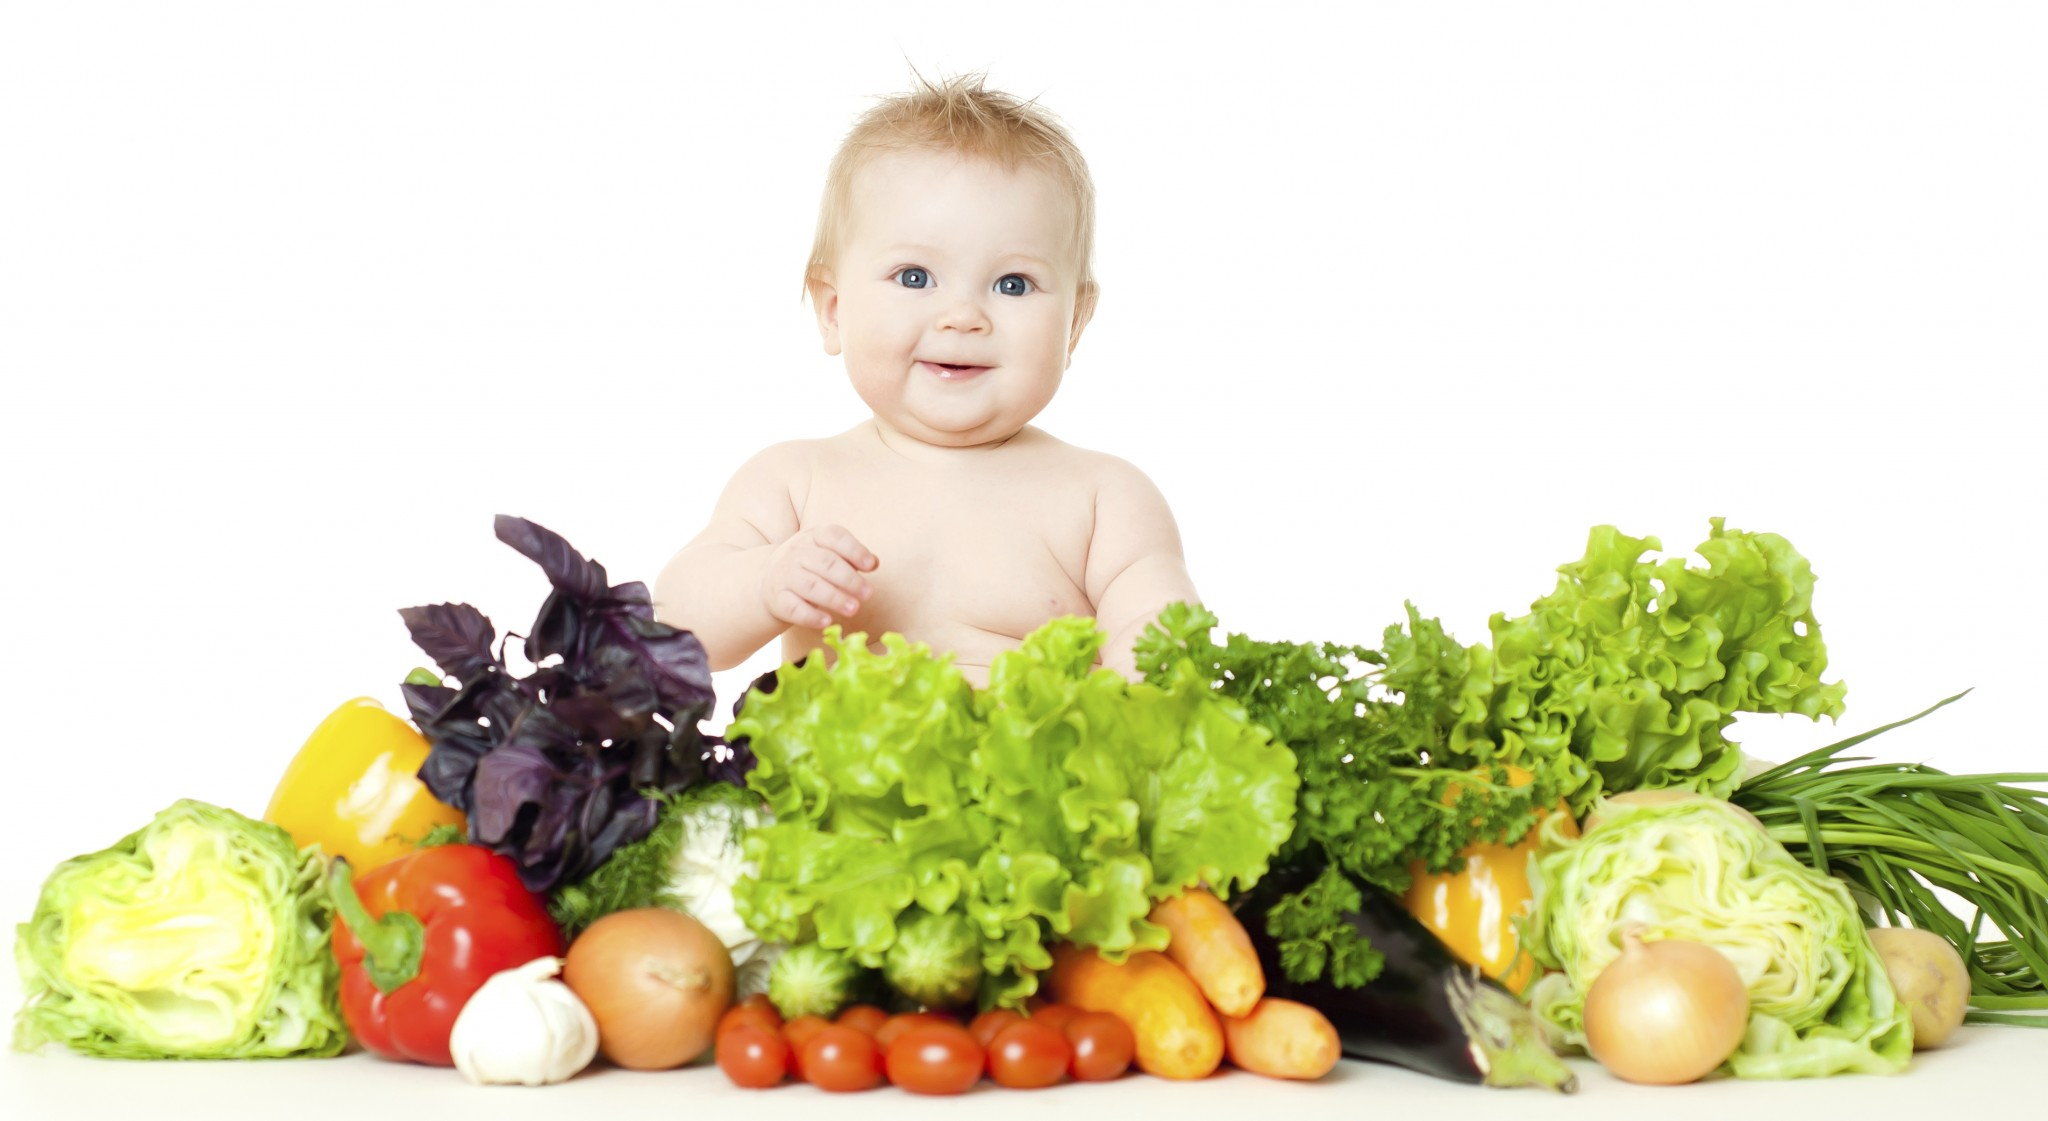 1-yasindaki-bebekler-icin-beslenme-onerileri (2)